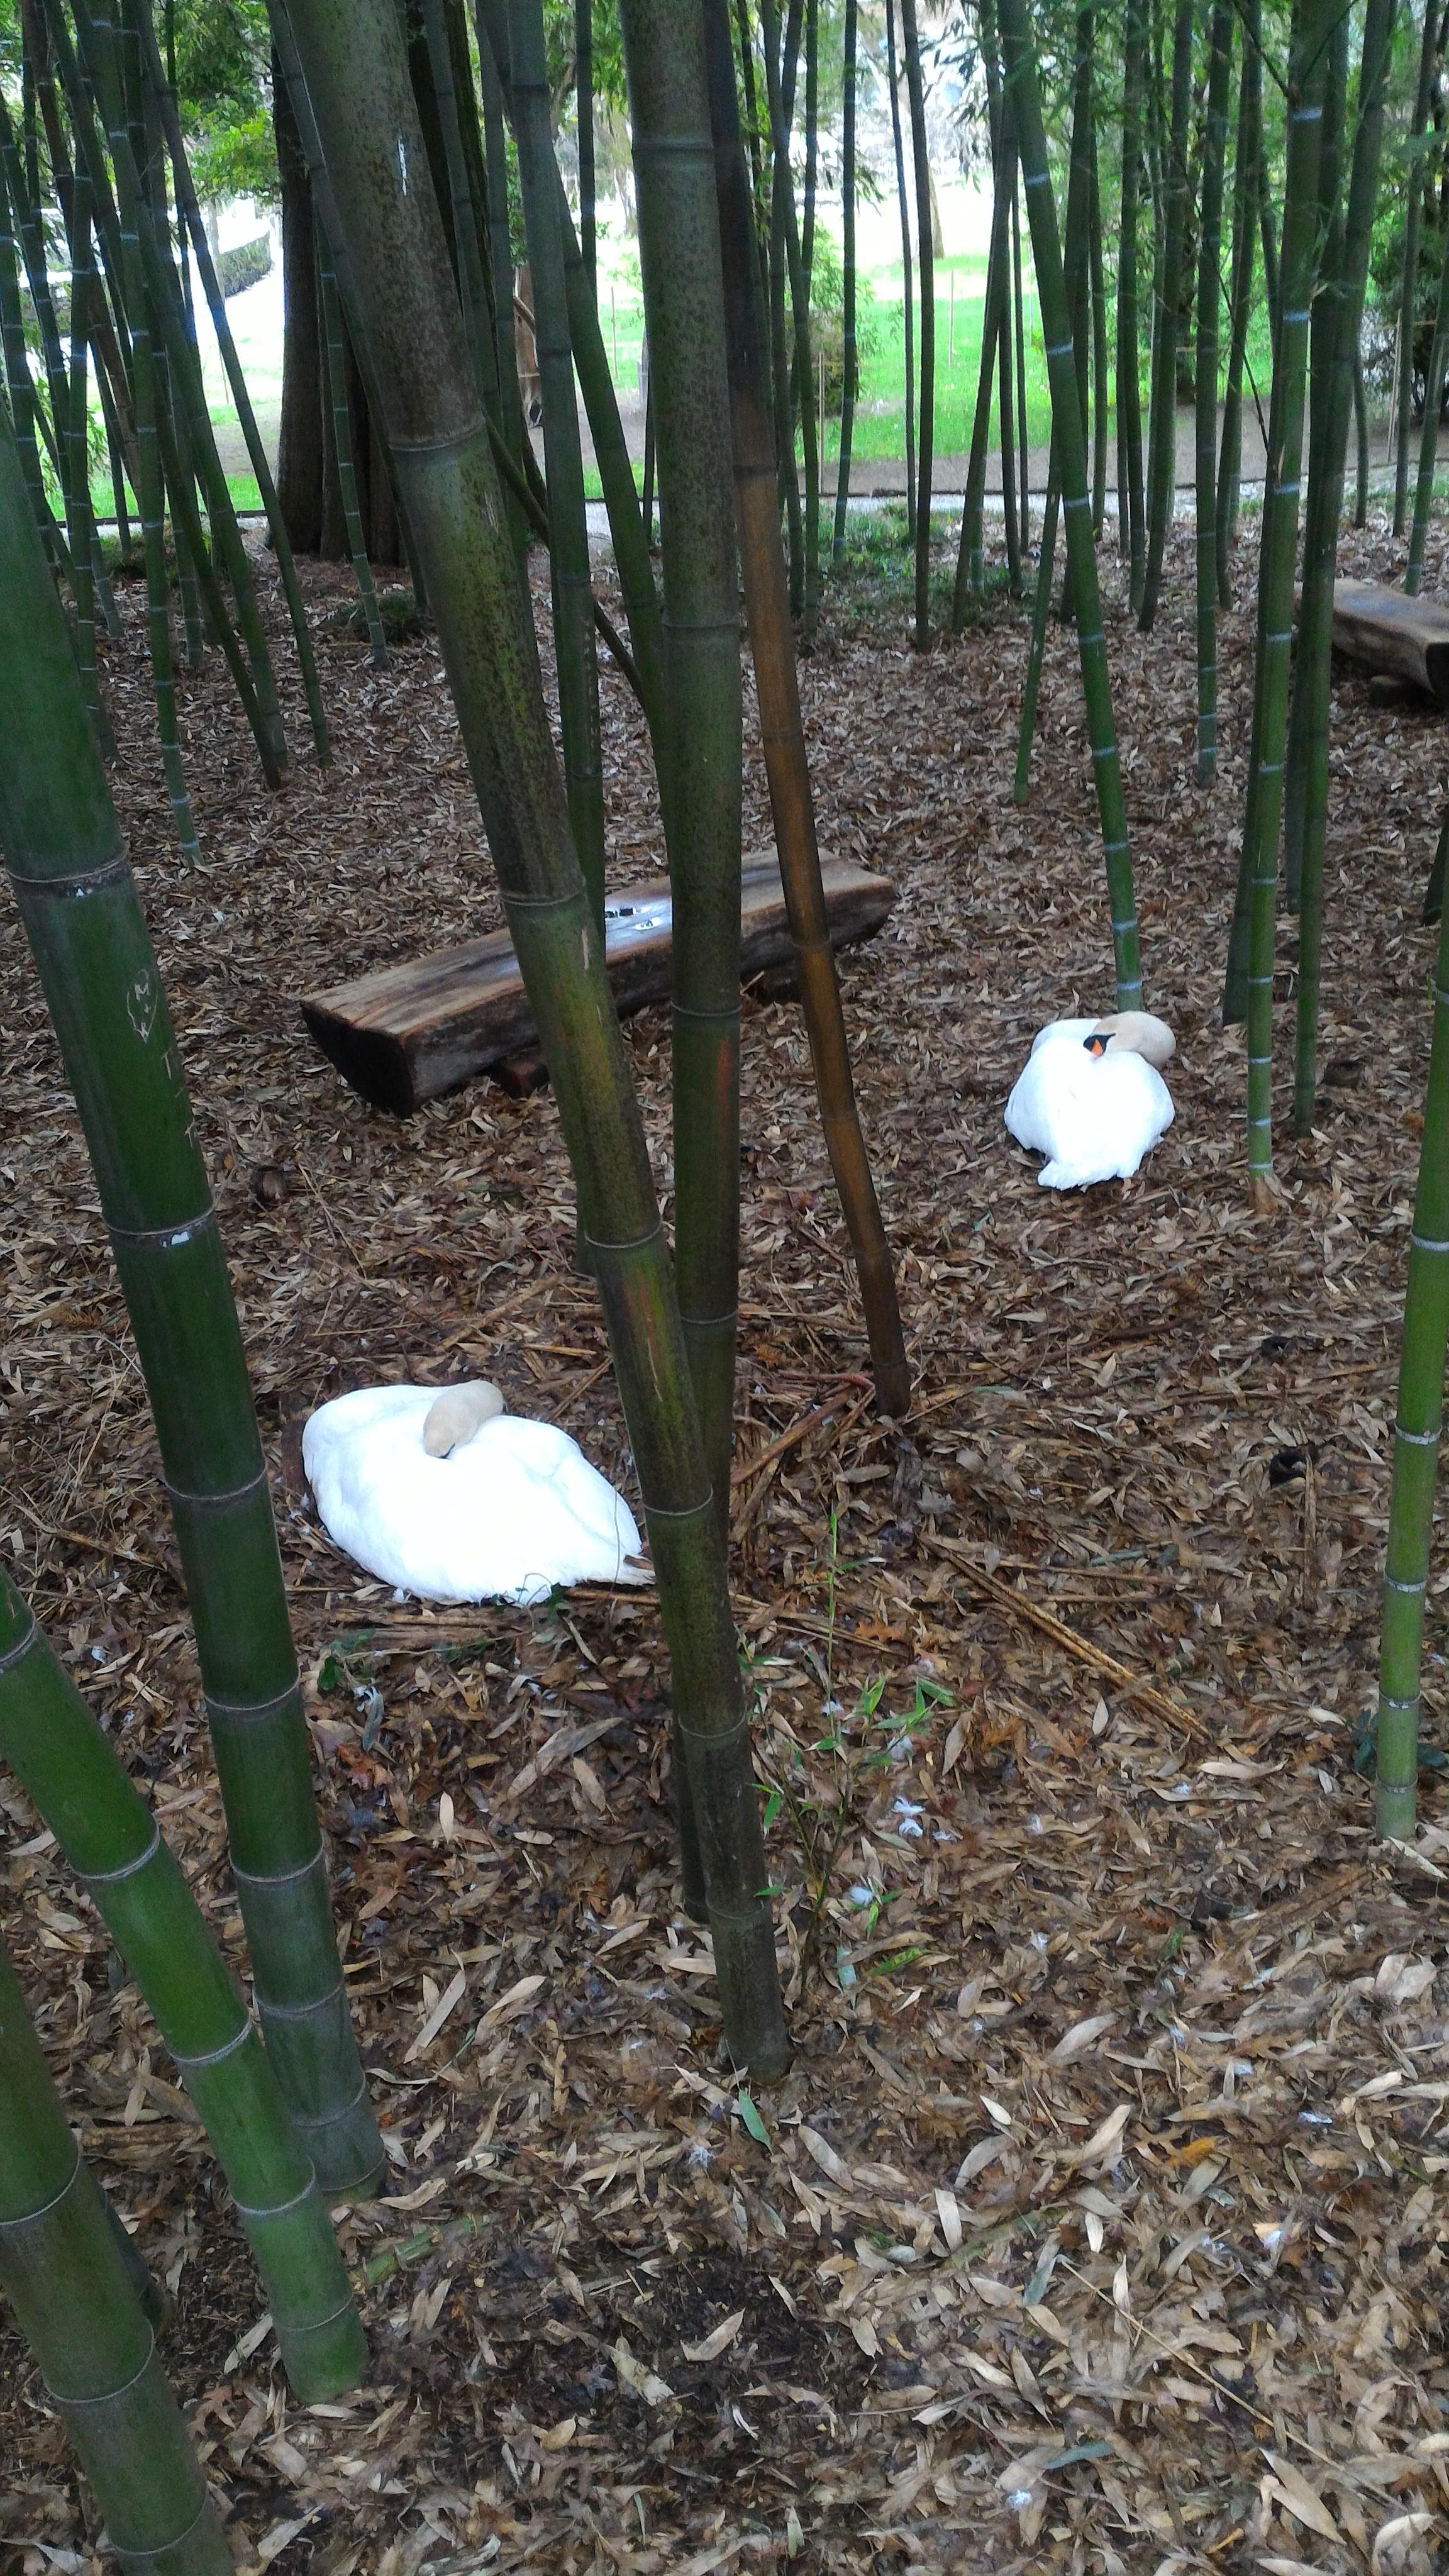 cygnes endormis sous les bambous